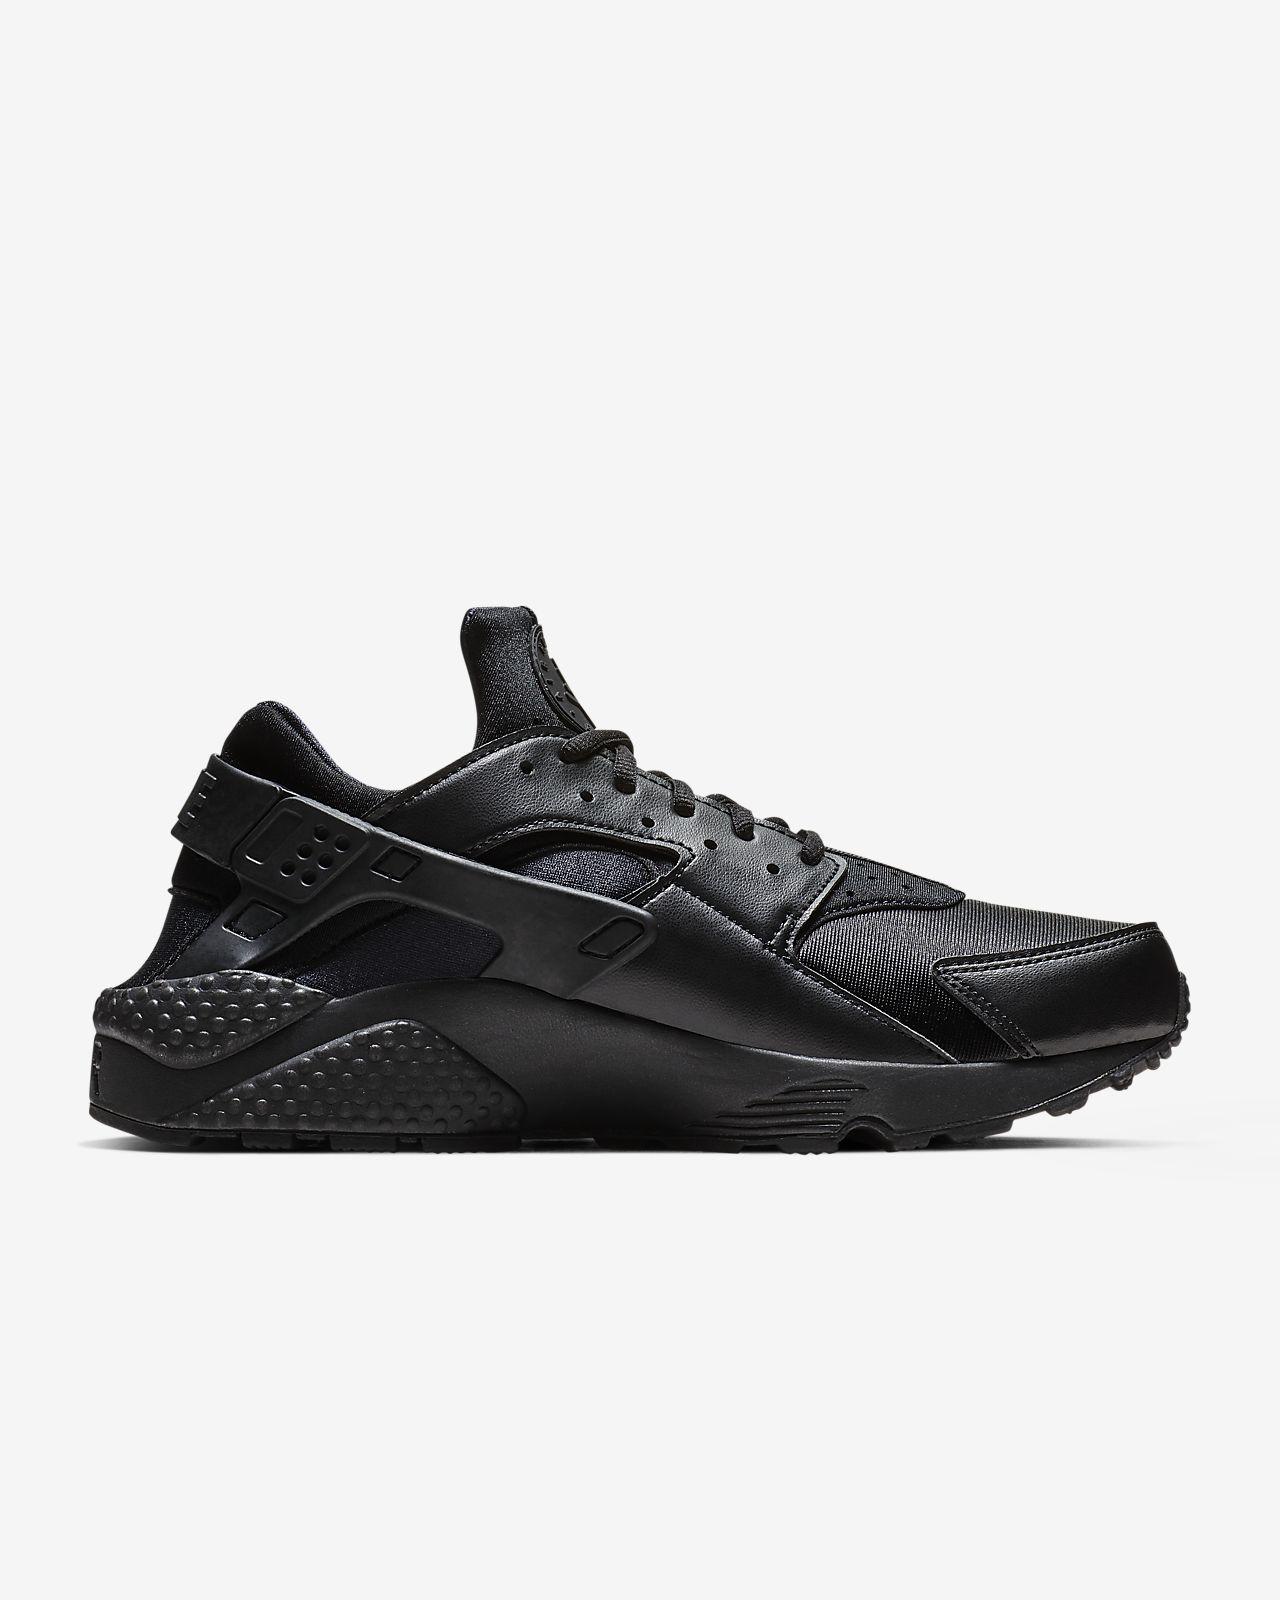 Chaussure Nike Air Huarache pour Femme